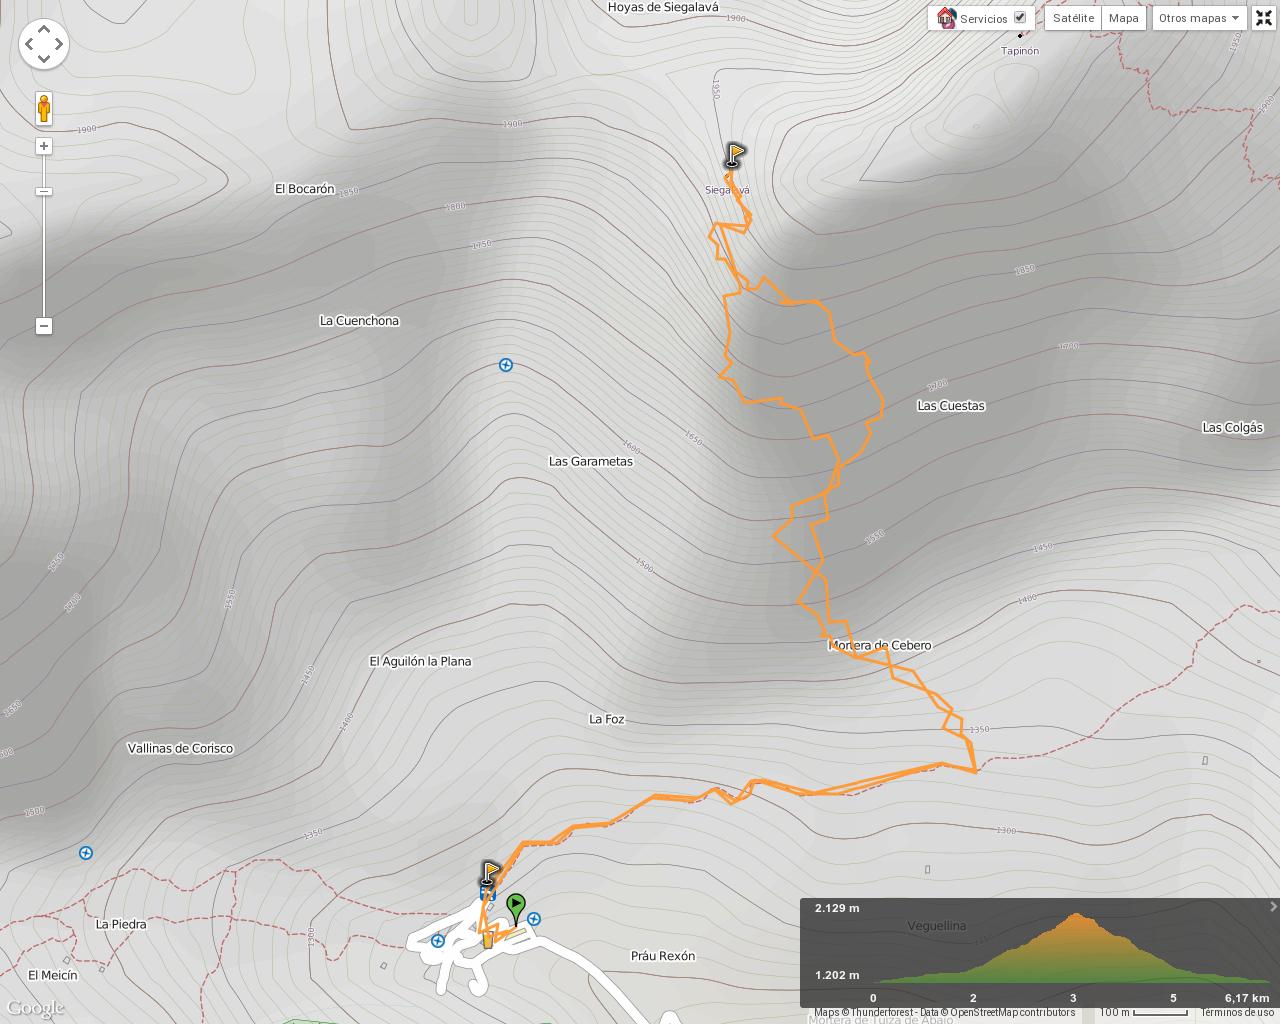 Ruta Tuiza Siegalava: Mapa de la ruta